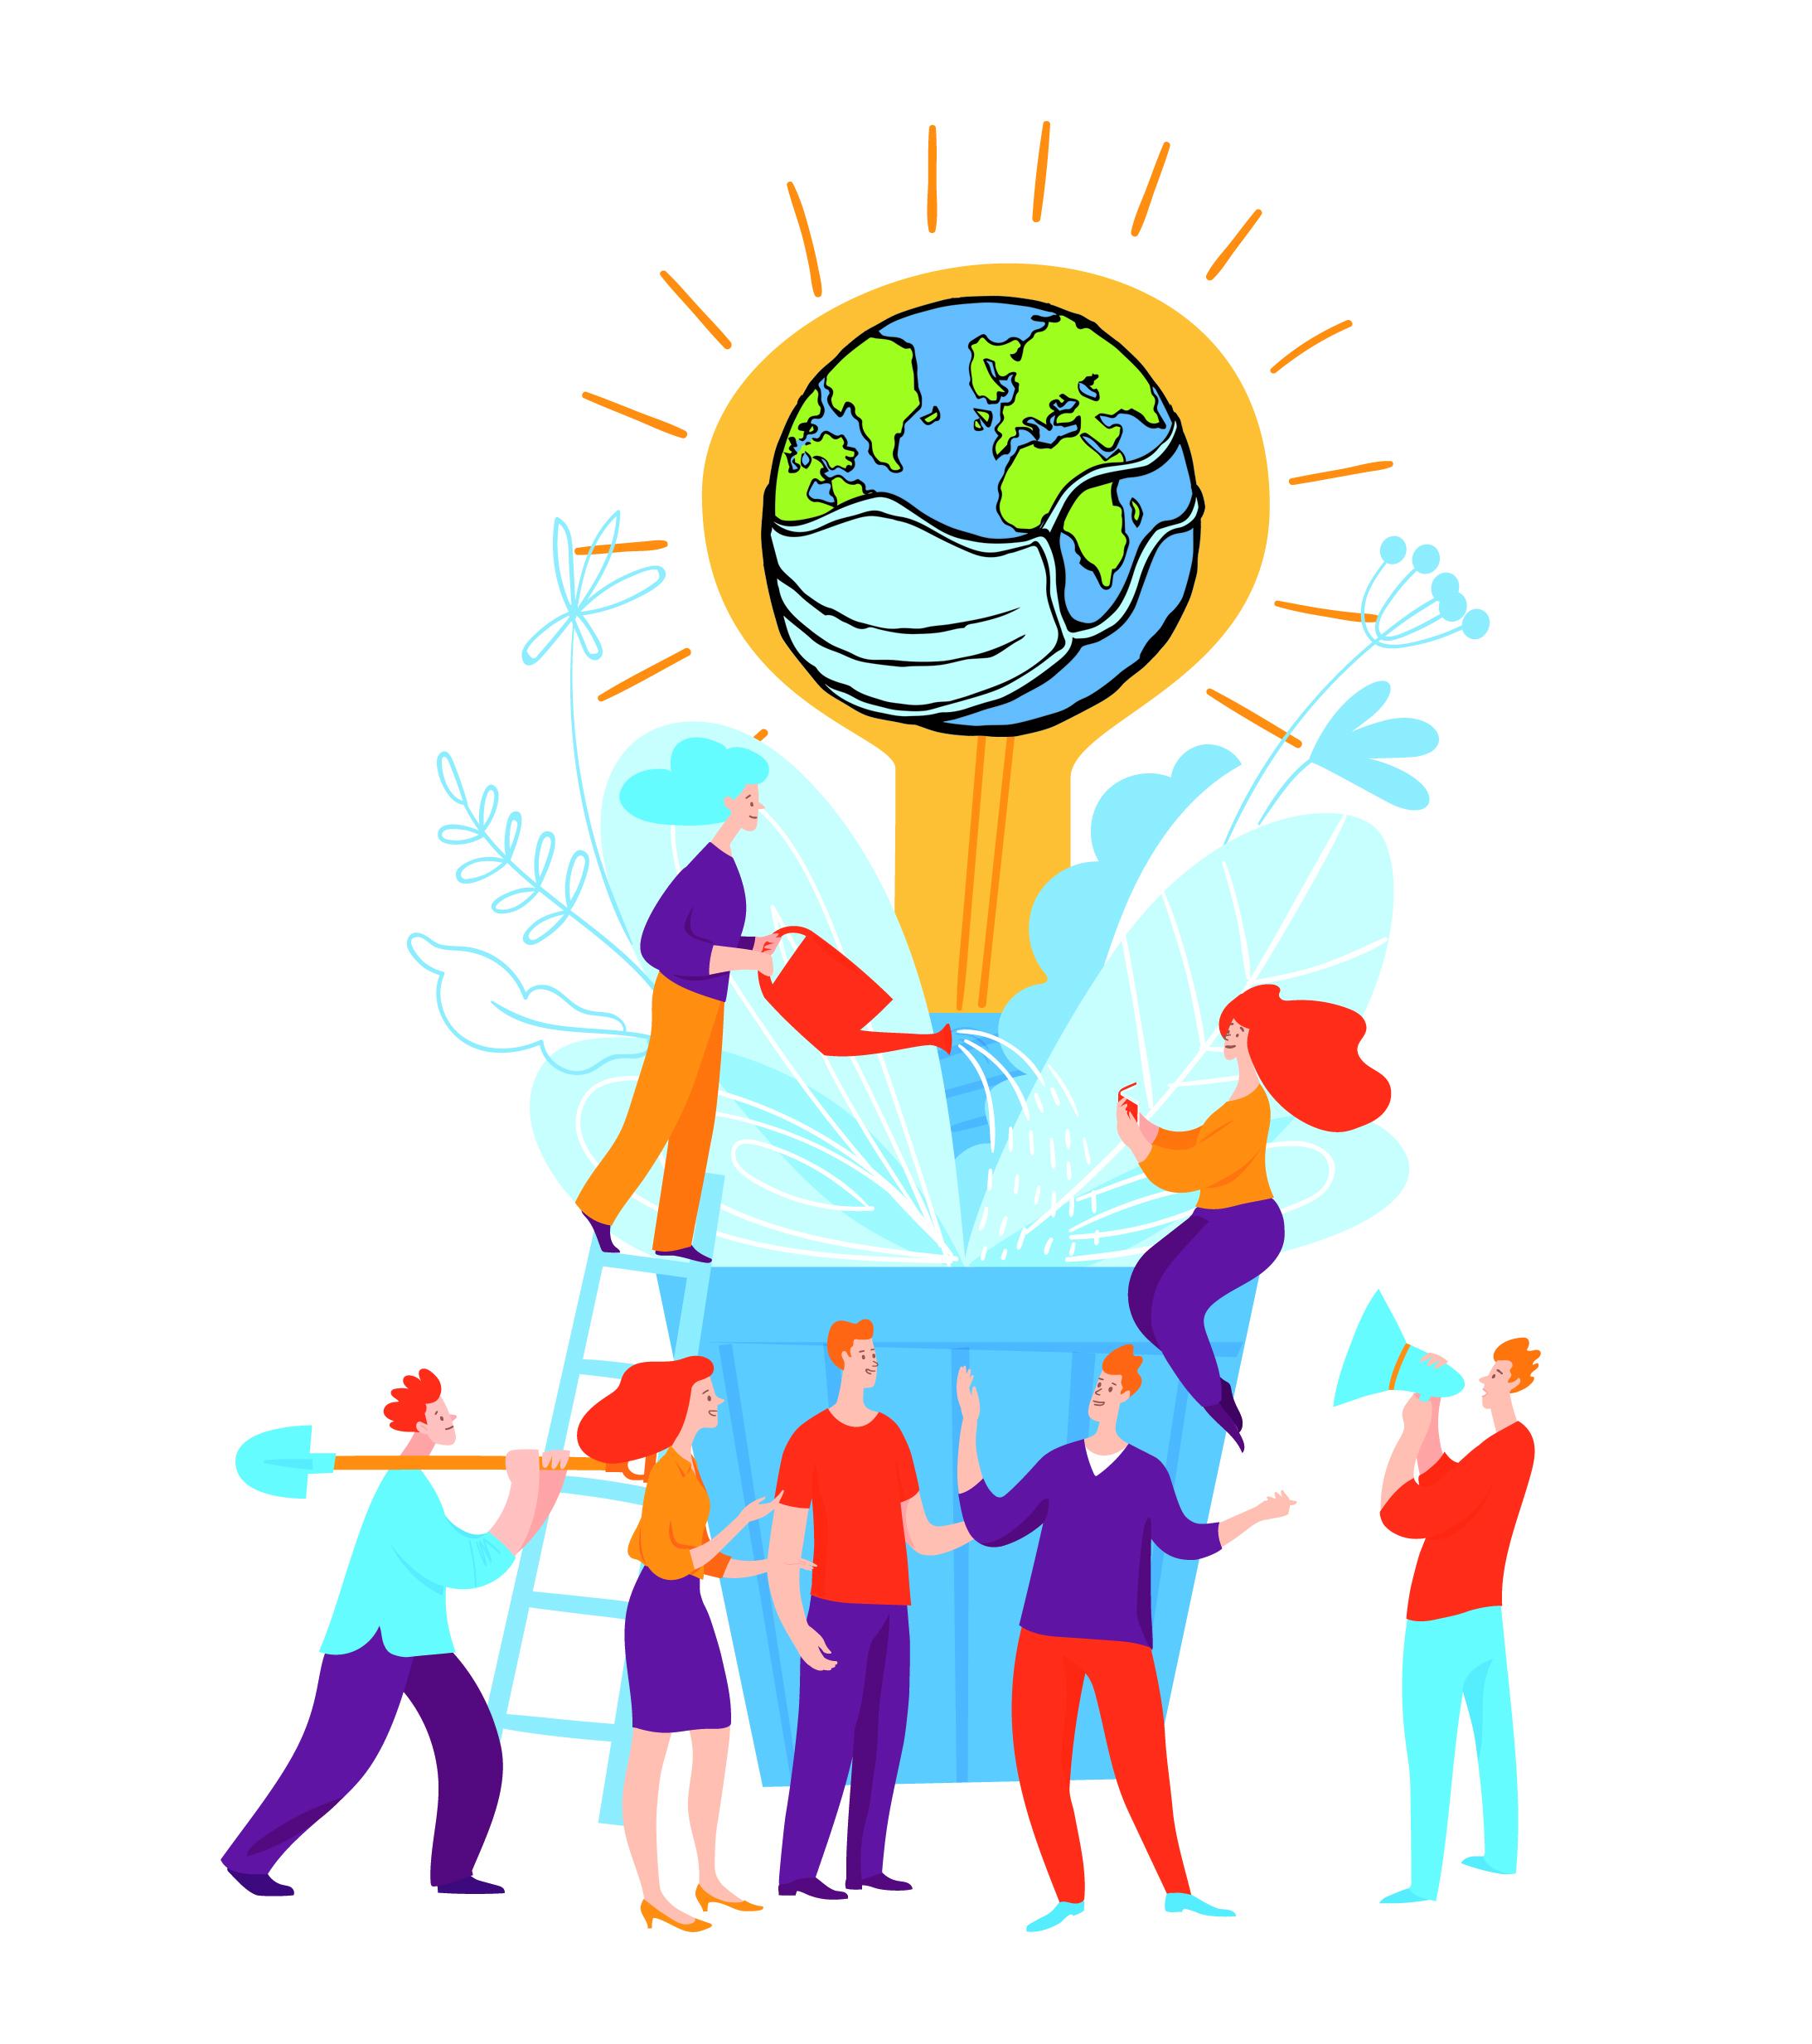 חדשנות וצמיחה בעידן אי-הוודאות: סימולציות בחינוך בתקופת הקורונה